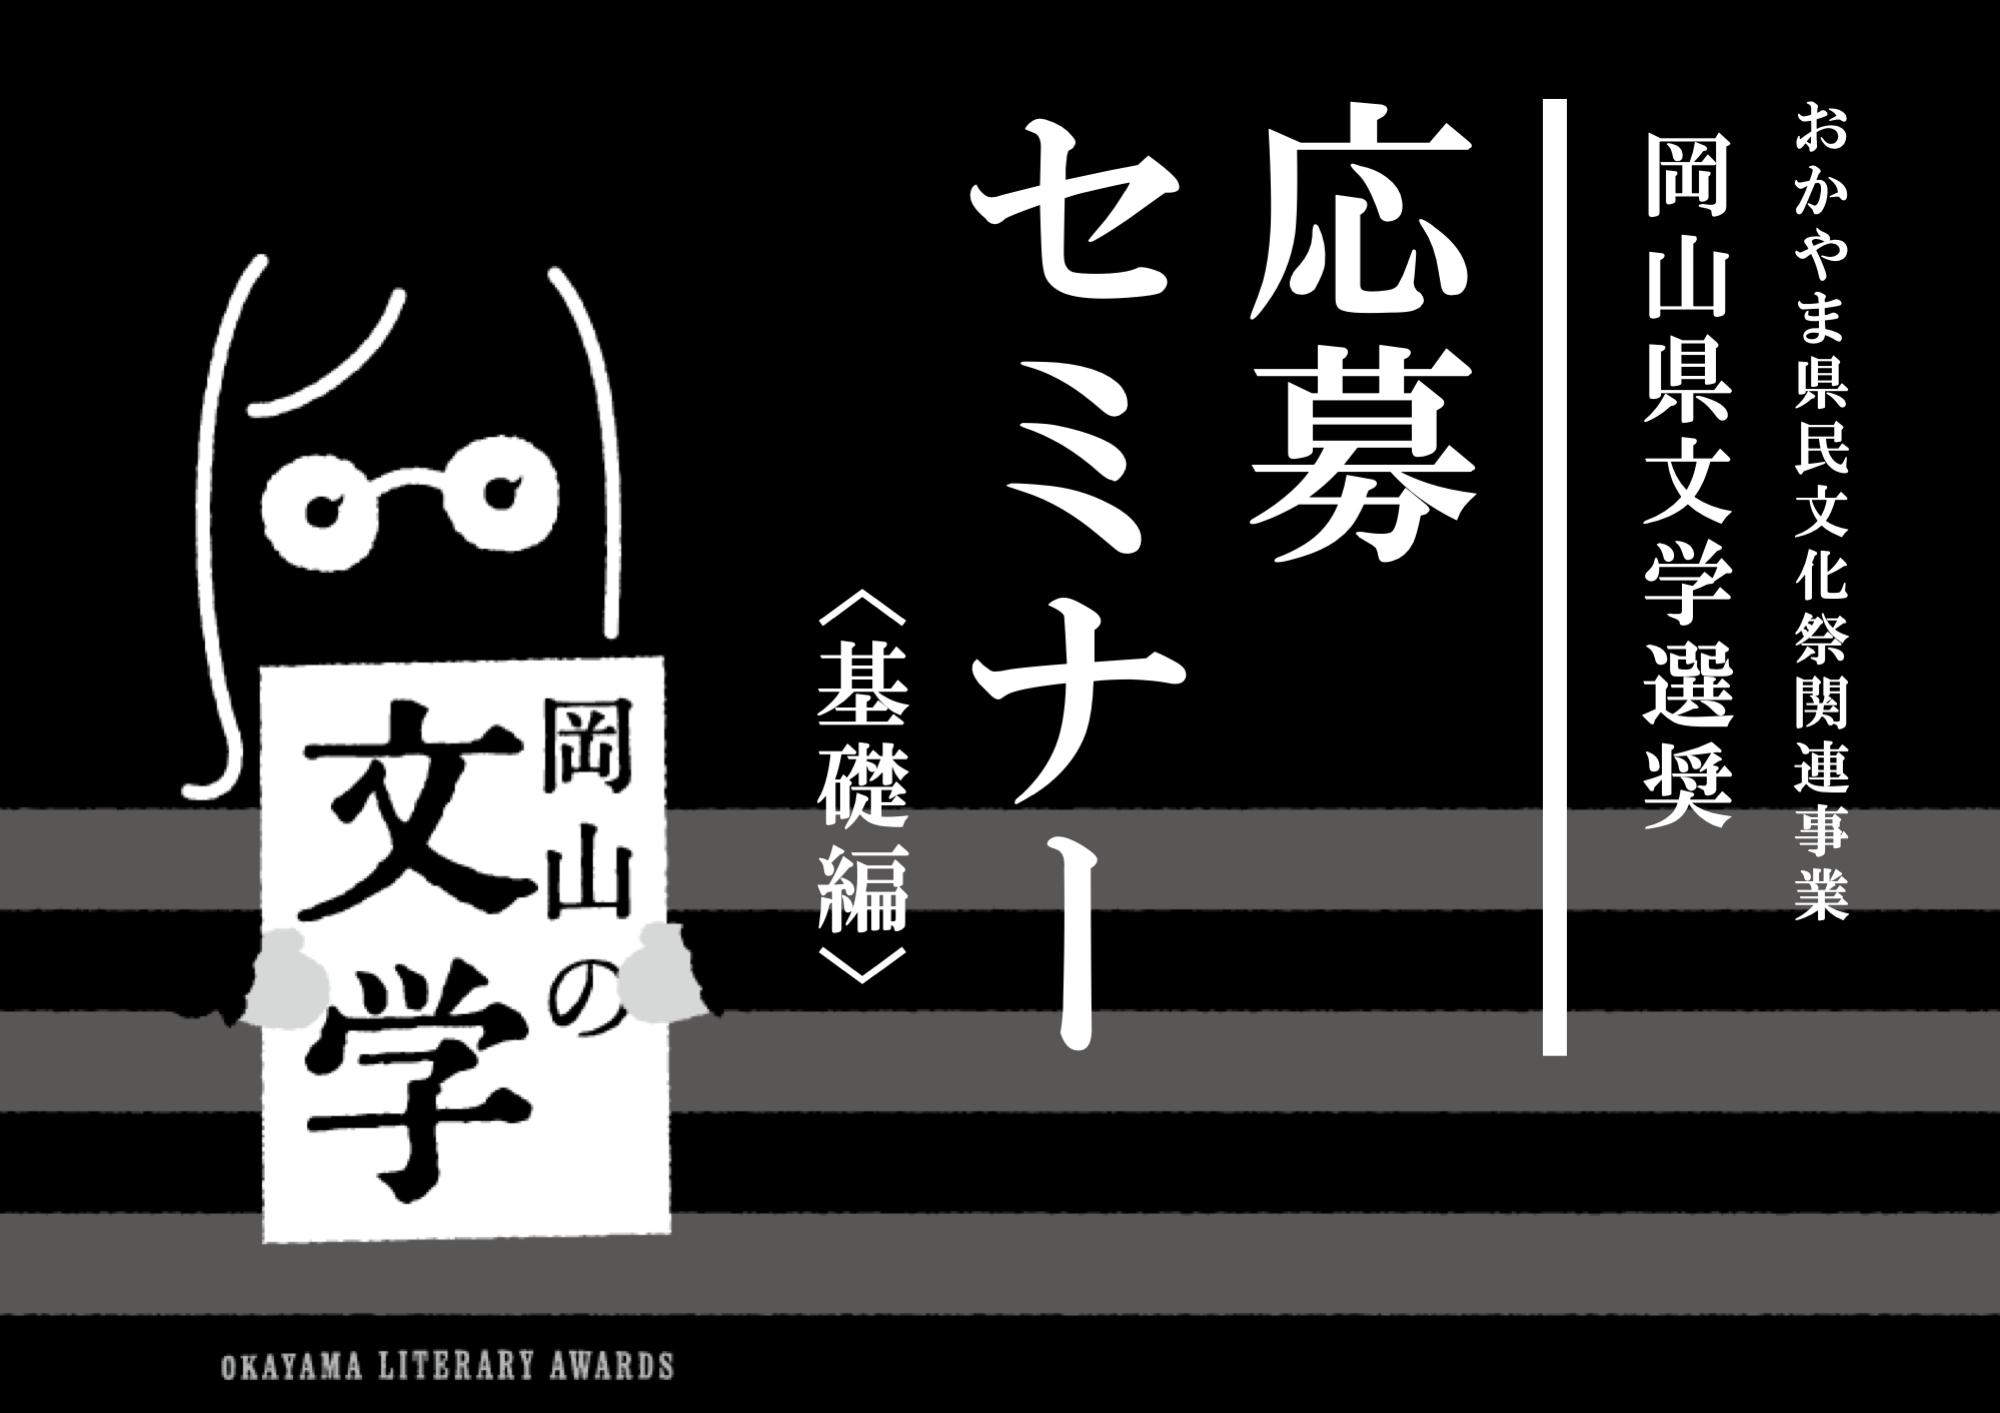 【中止のお知らせ】岡山県文学選奨応募セミナー〈基礎編〉